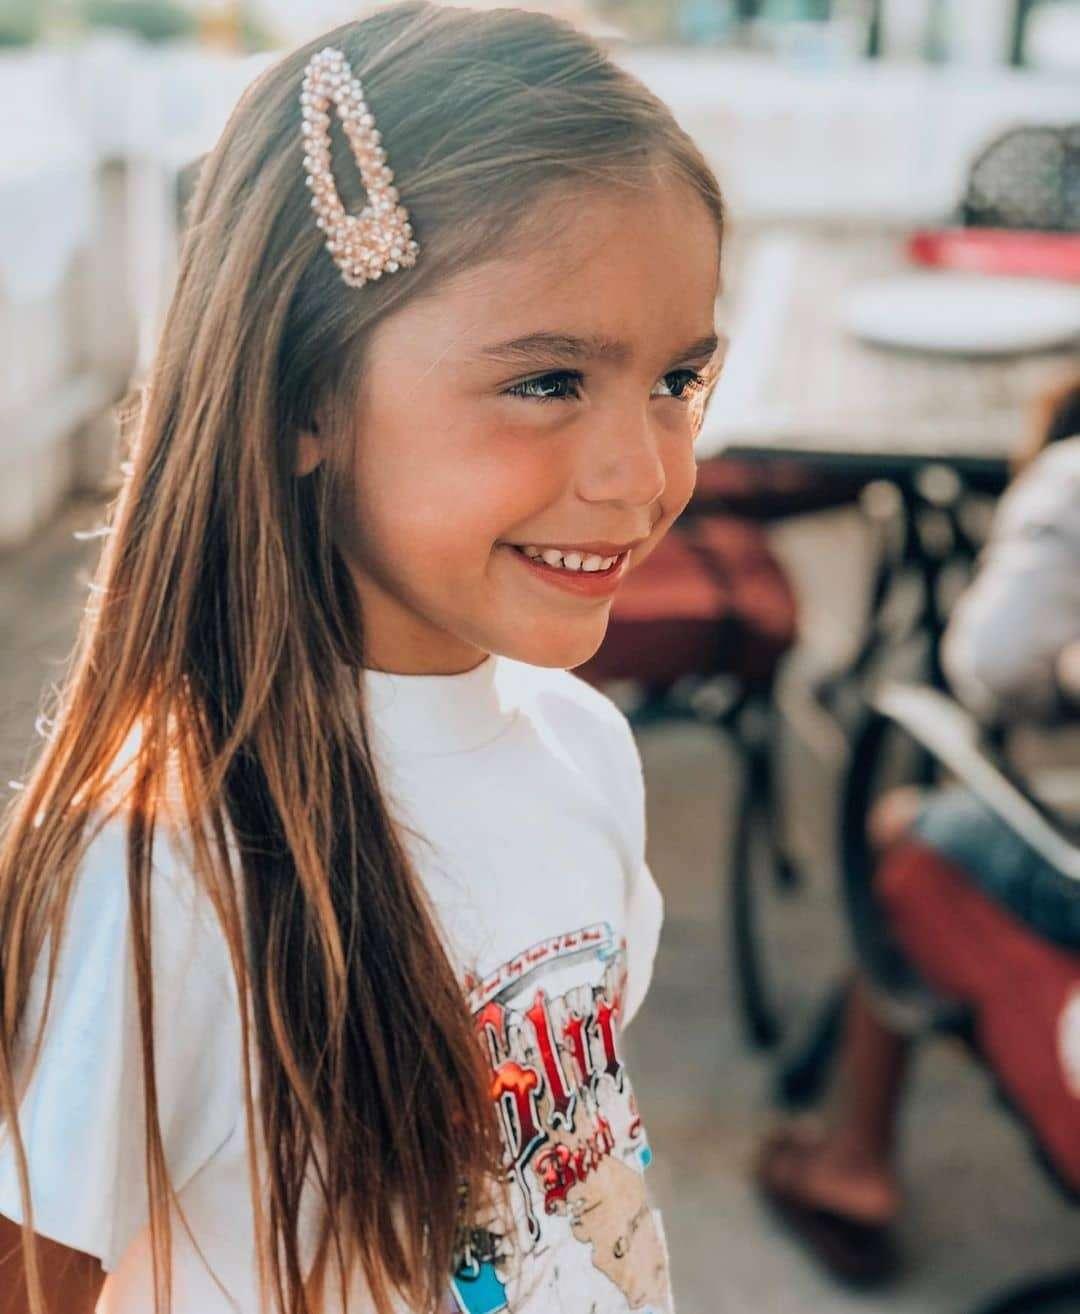 fryzury dla dziewczynek zdjęcia